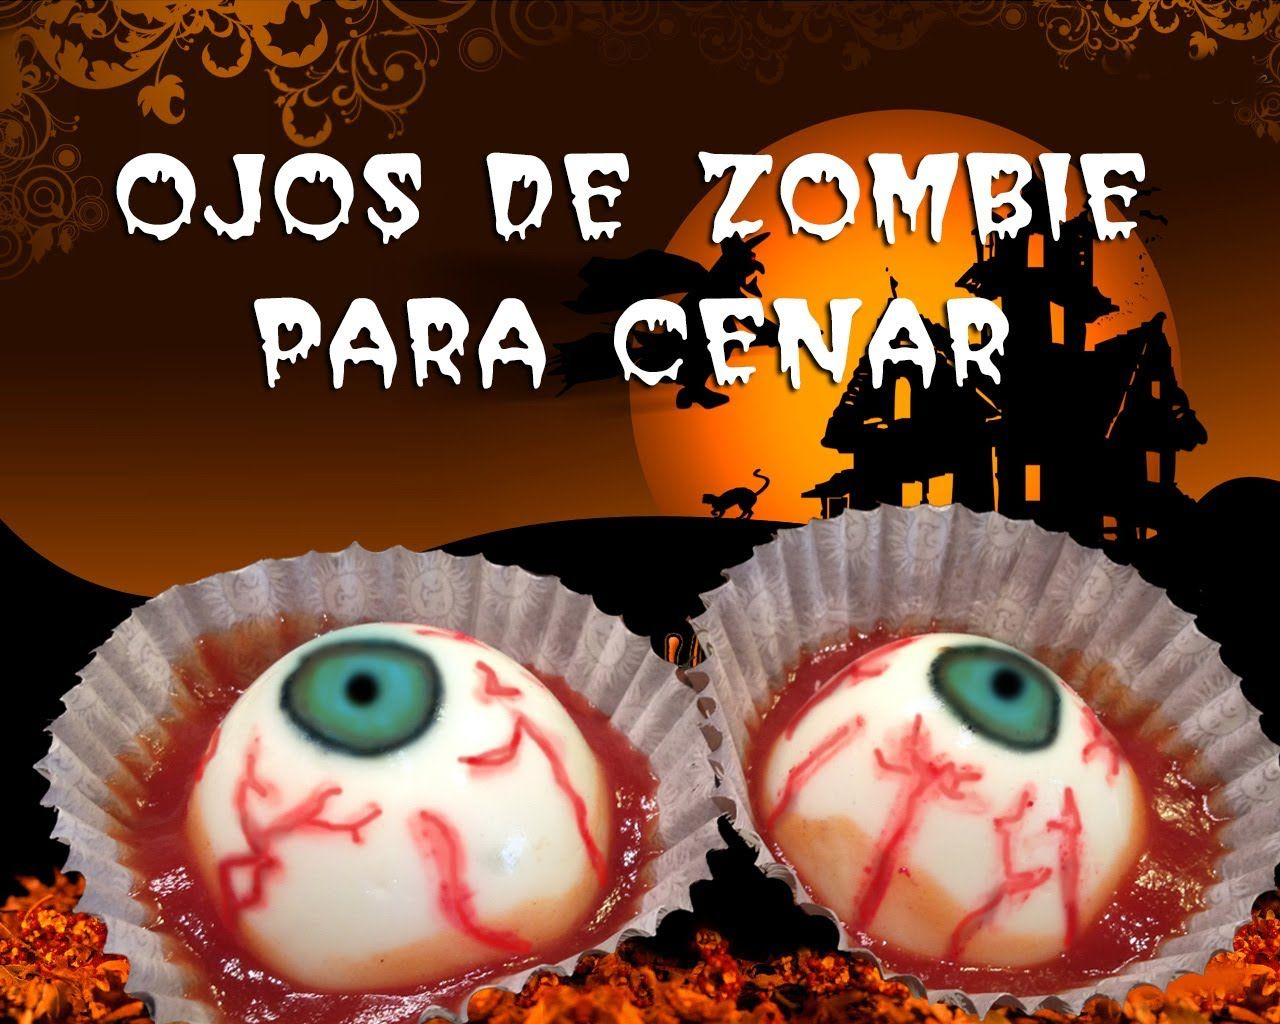 Recetas para Halloween: Deliciosos ojos de zombie para cenar ...